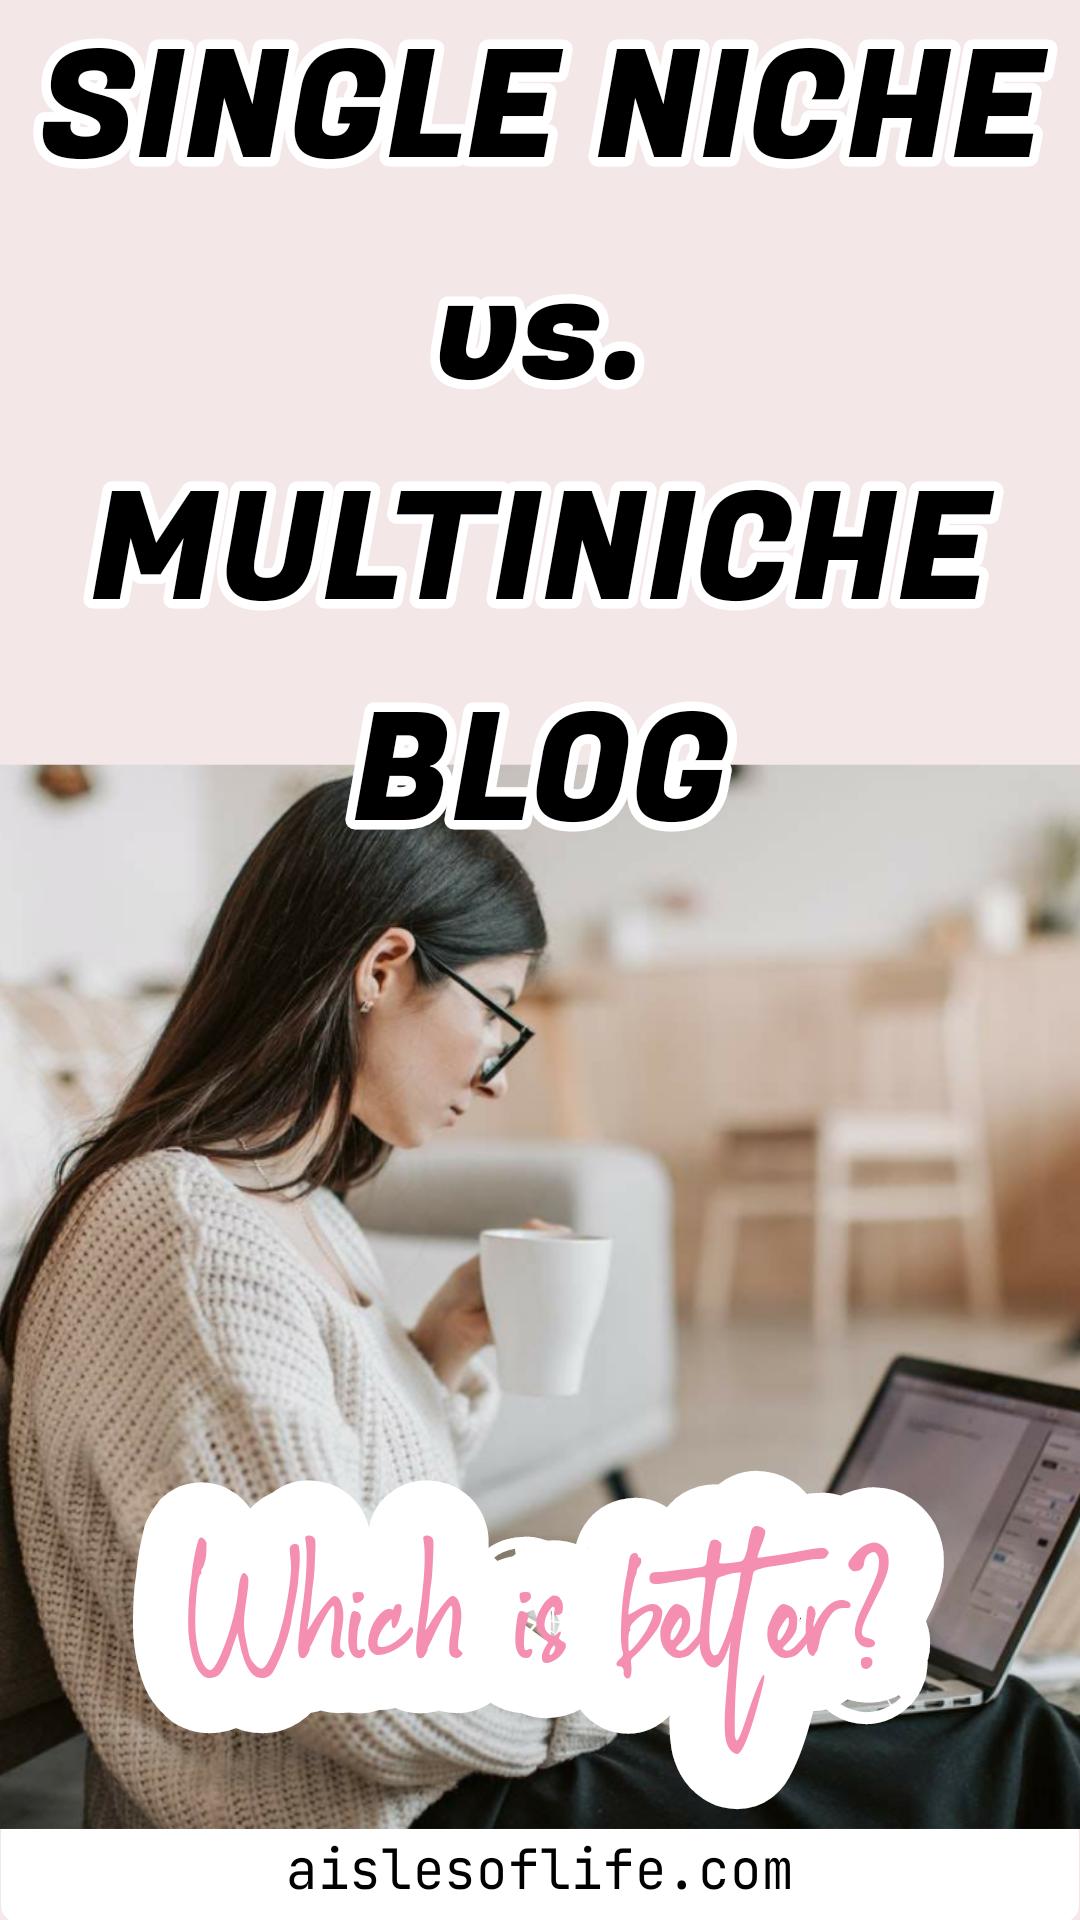 Single Niche vs. Multi-Niche Blog: Which Should You Choose?